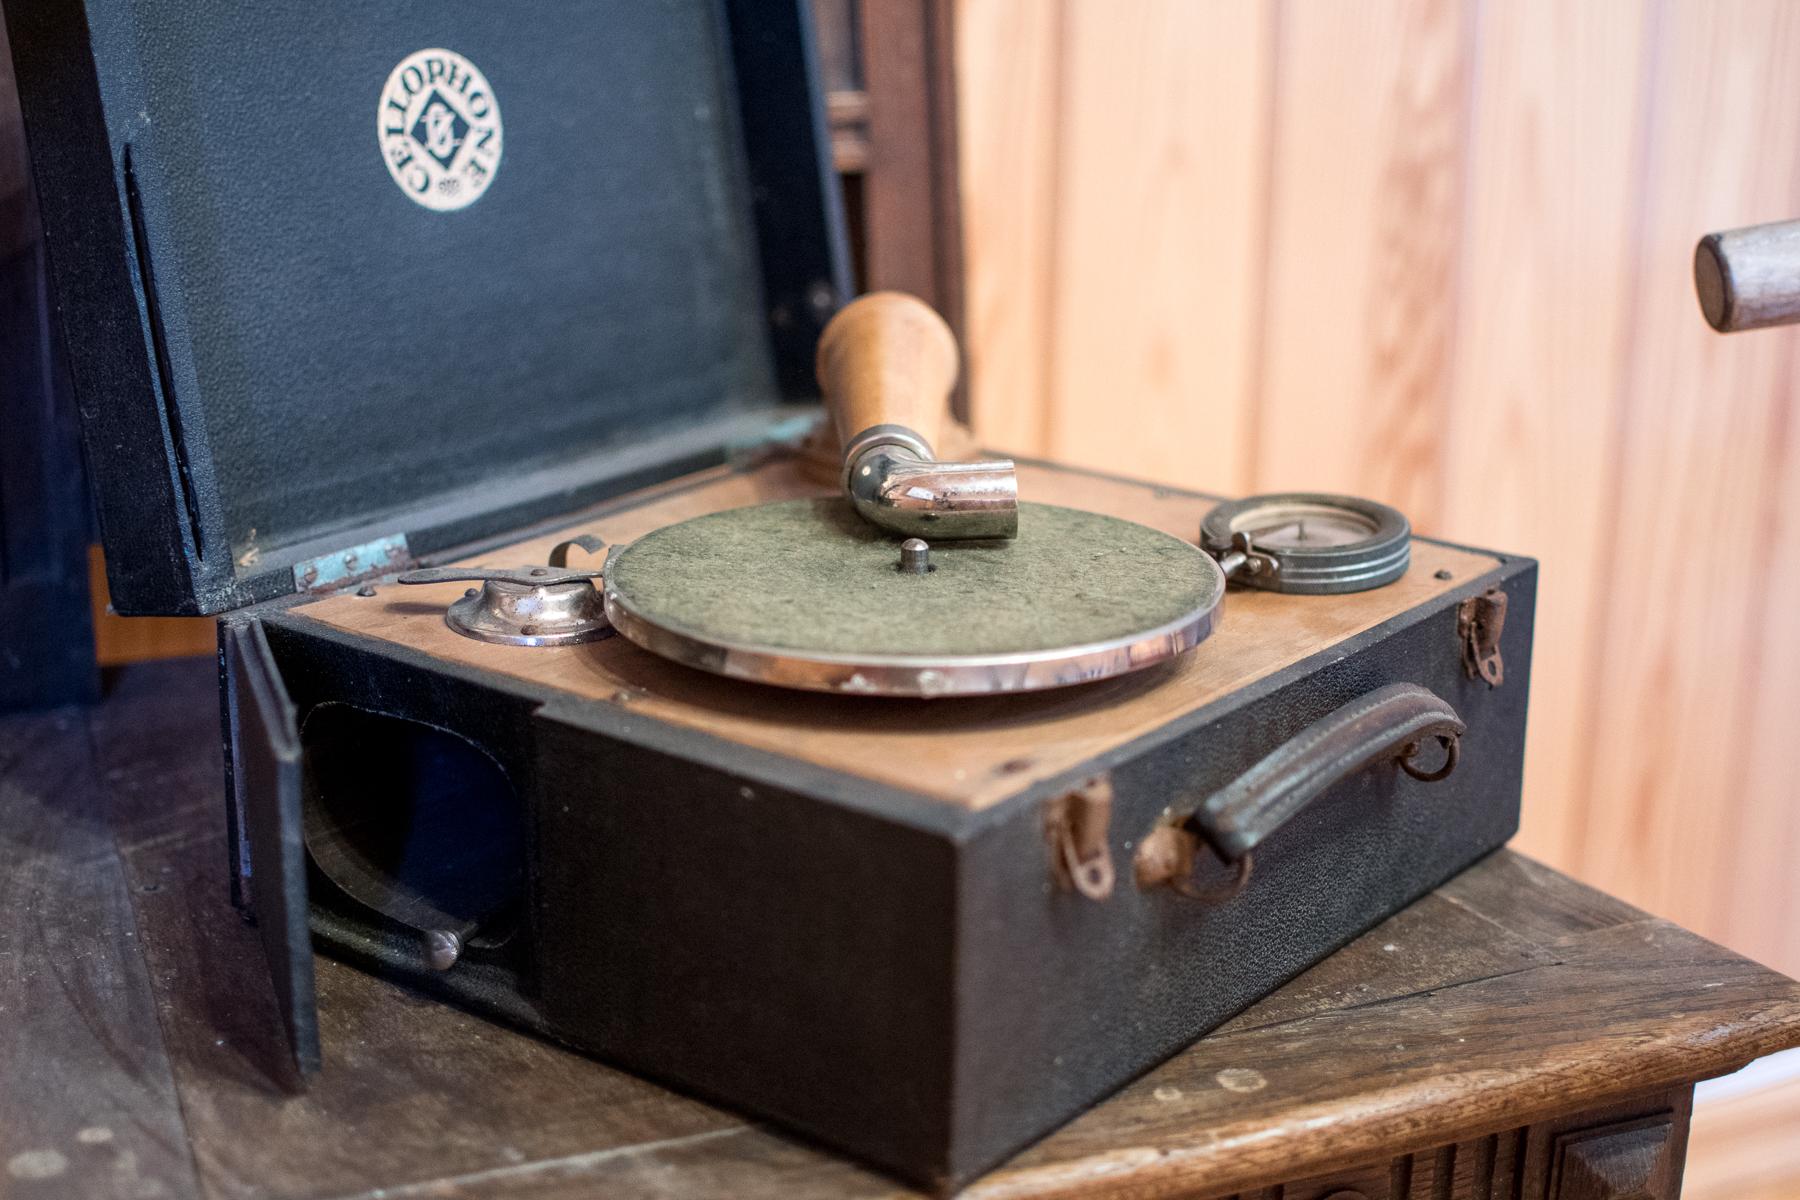 Tällä levysoittimella on joskus pidetty yllä kunnon tansseja!